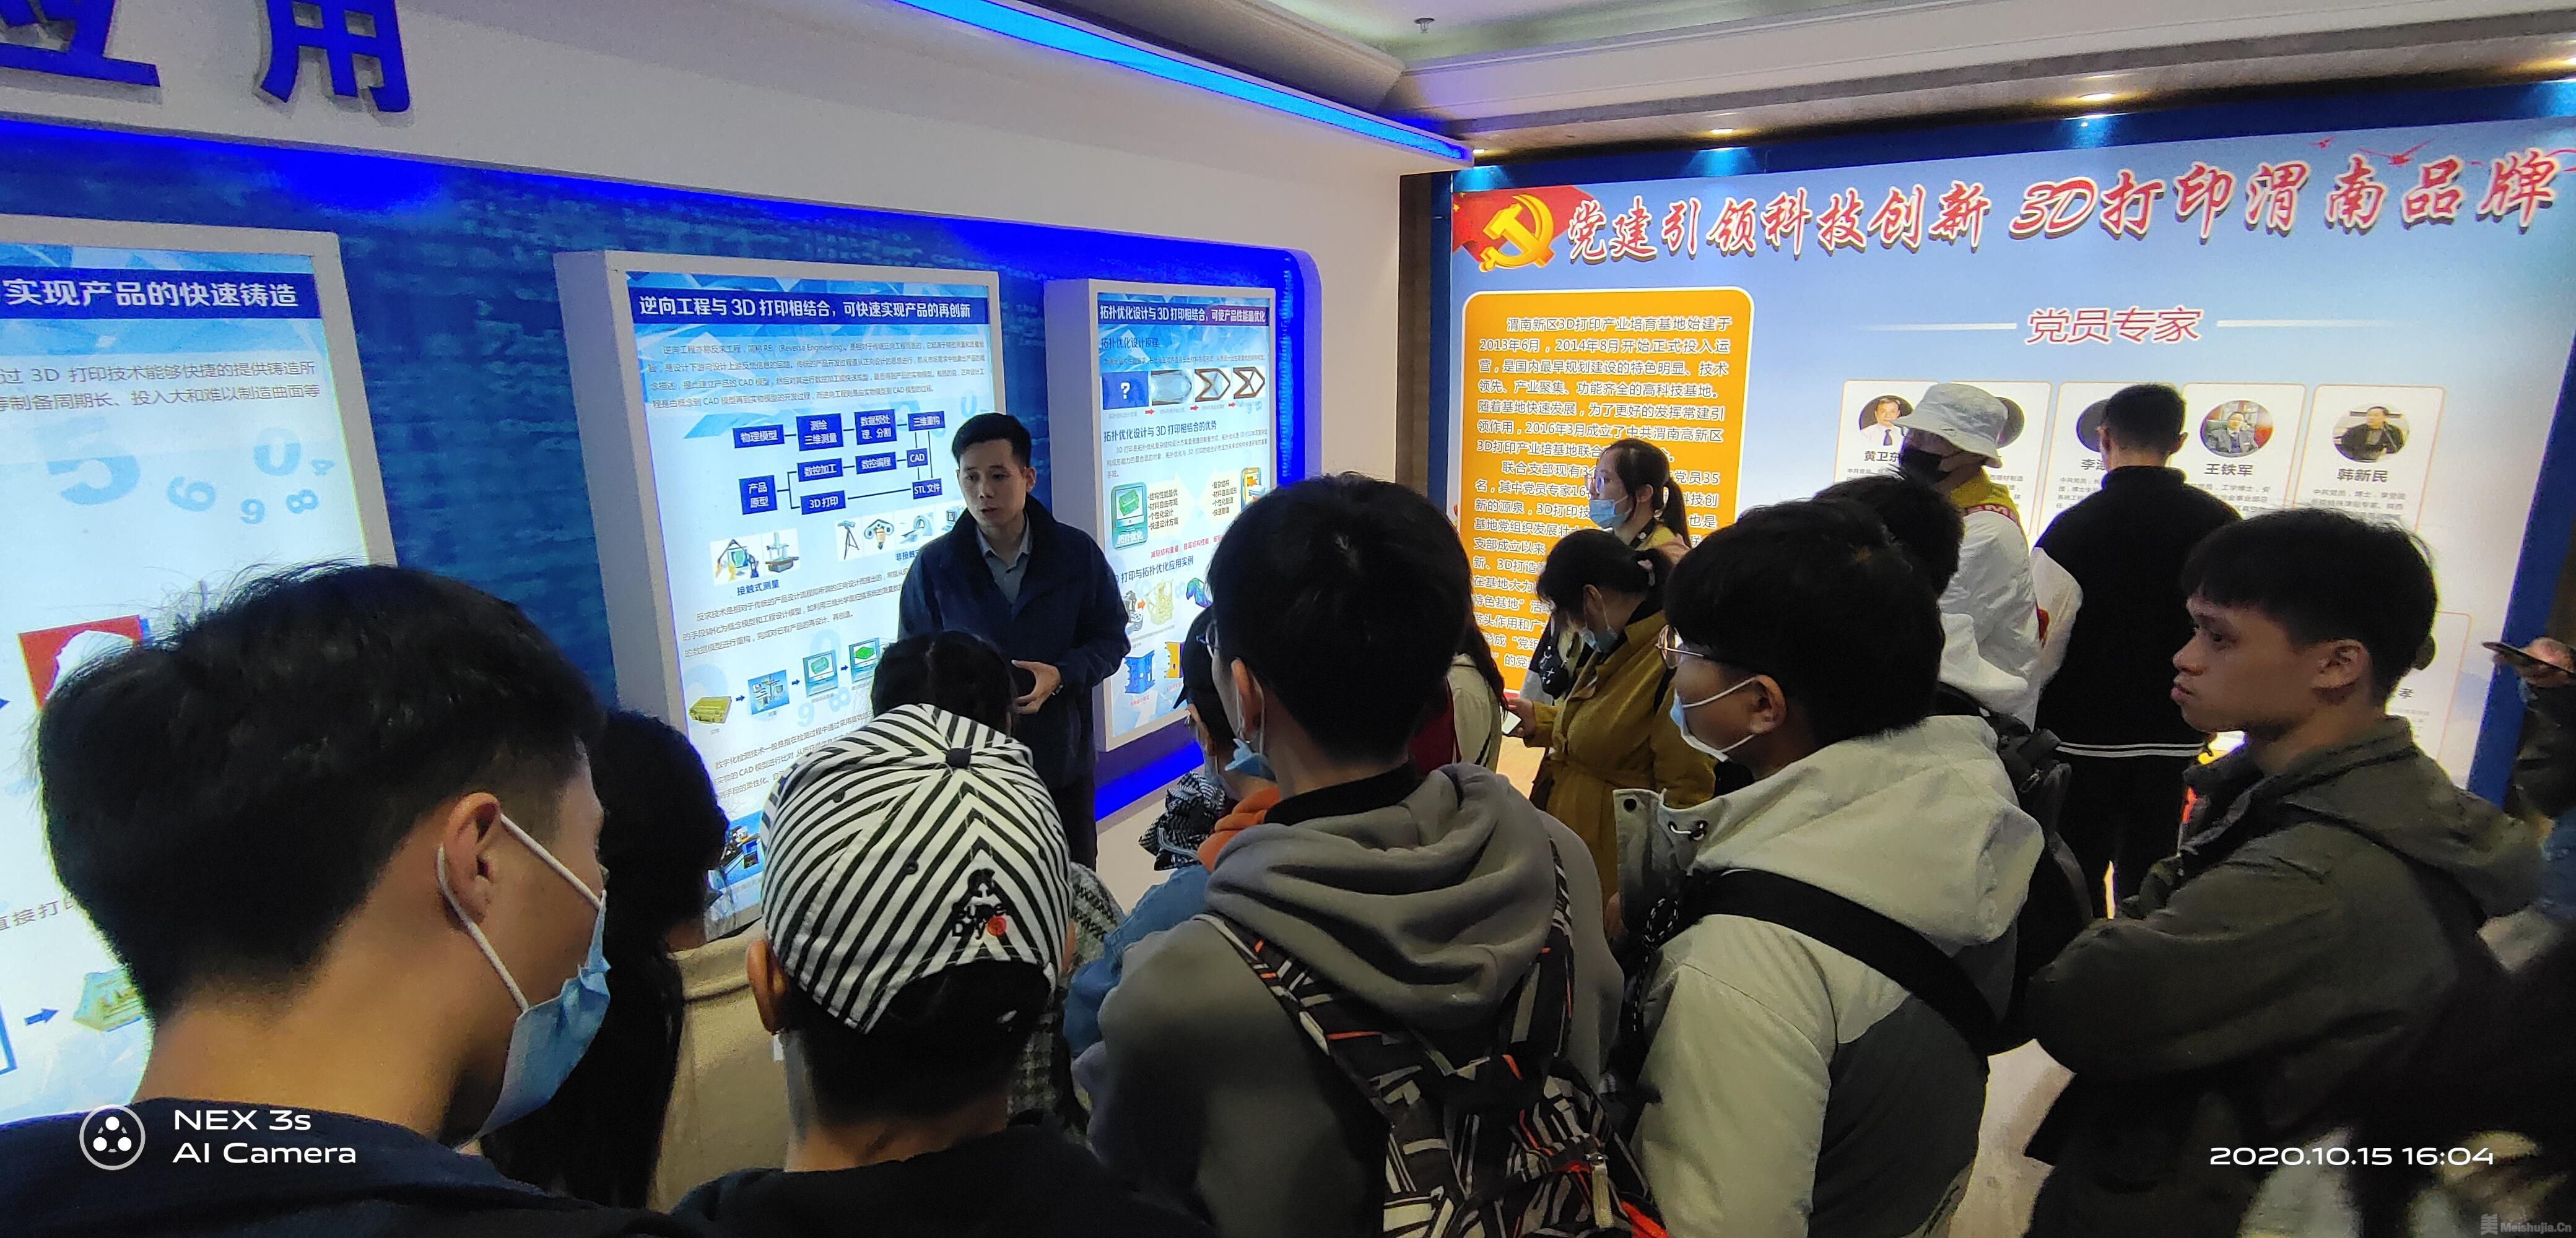 西安翻译学院产品设计和数字媒体艺术专业 渭南艺术考察